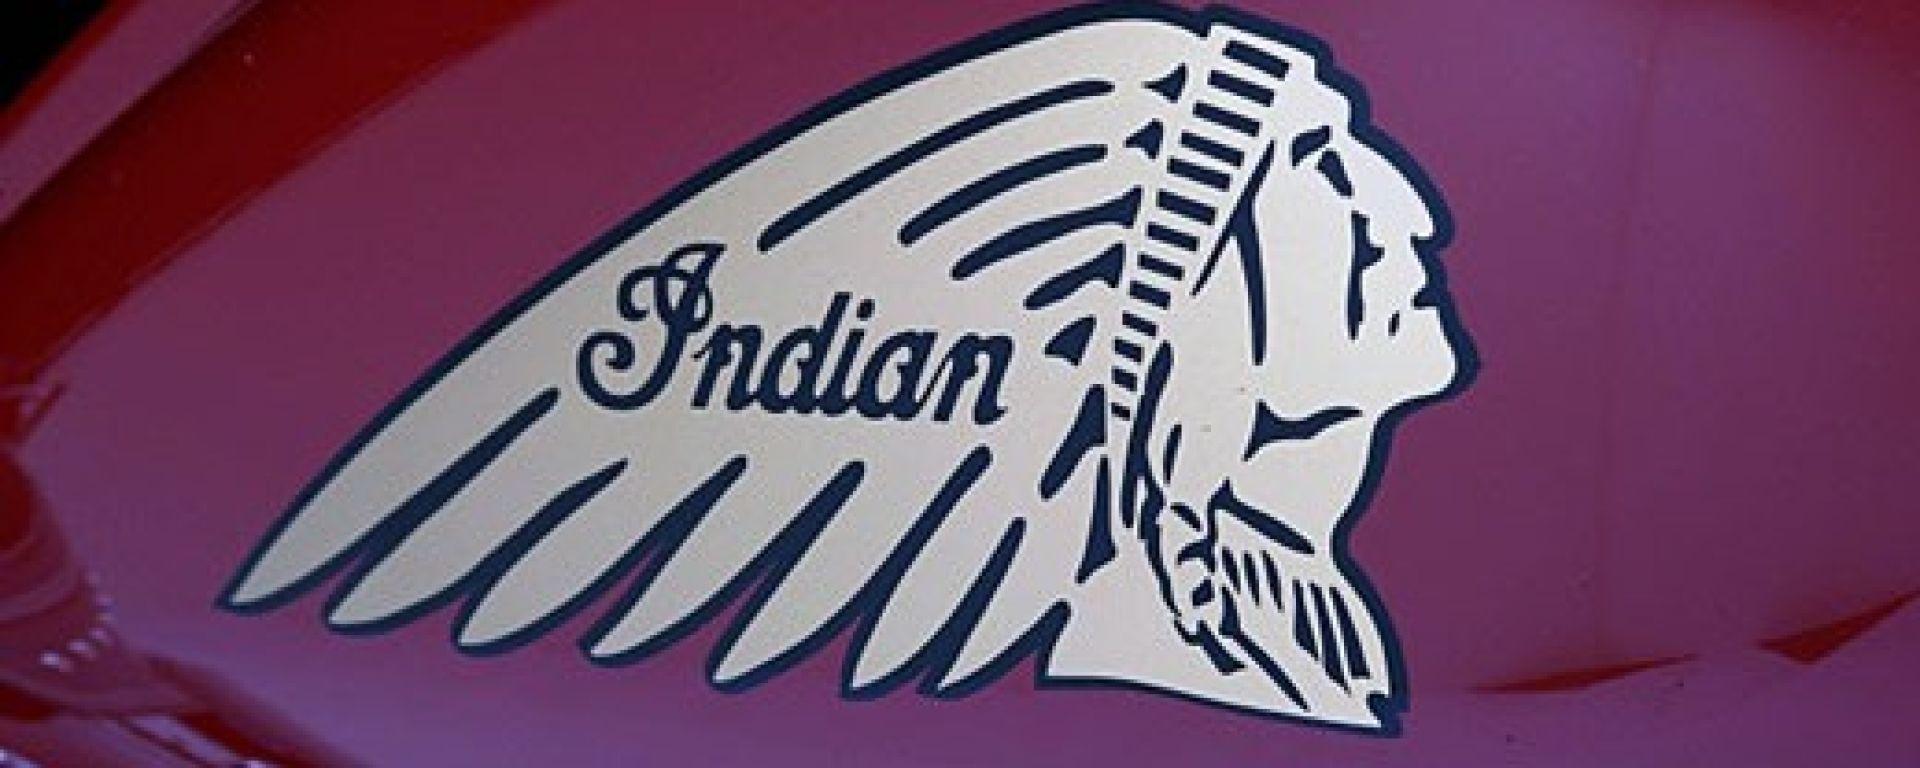 Chief, il ritorno della Indian